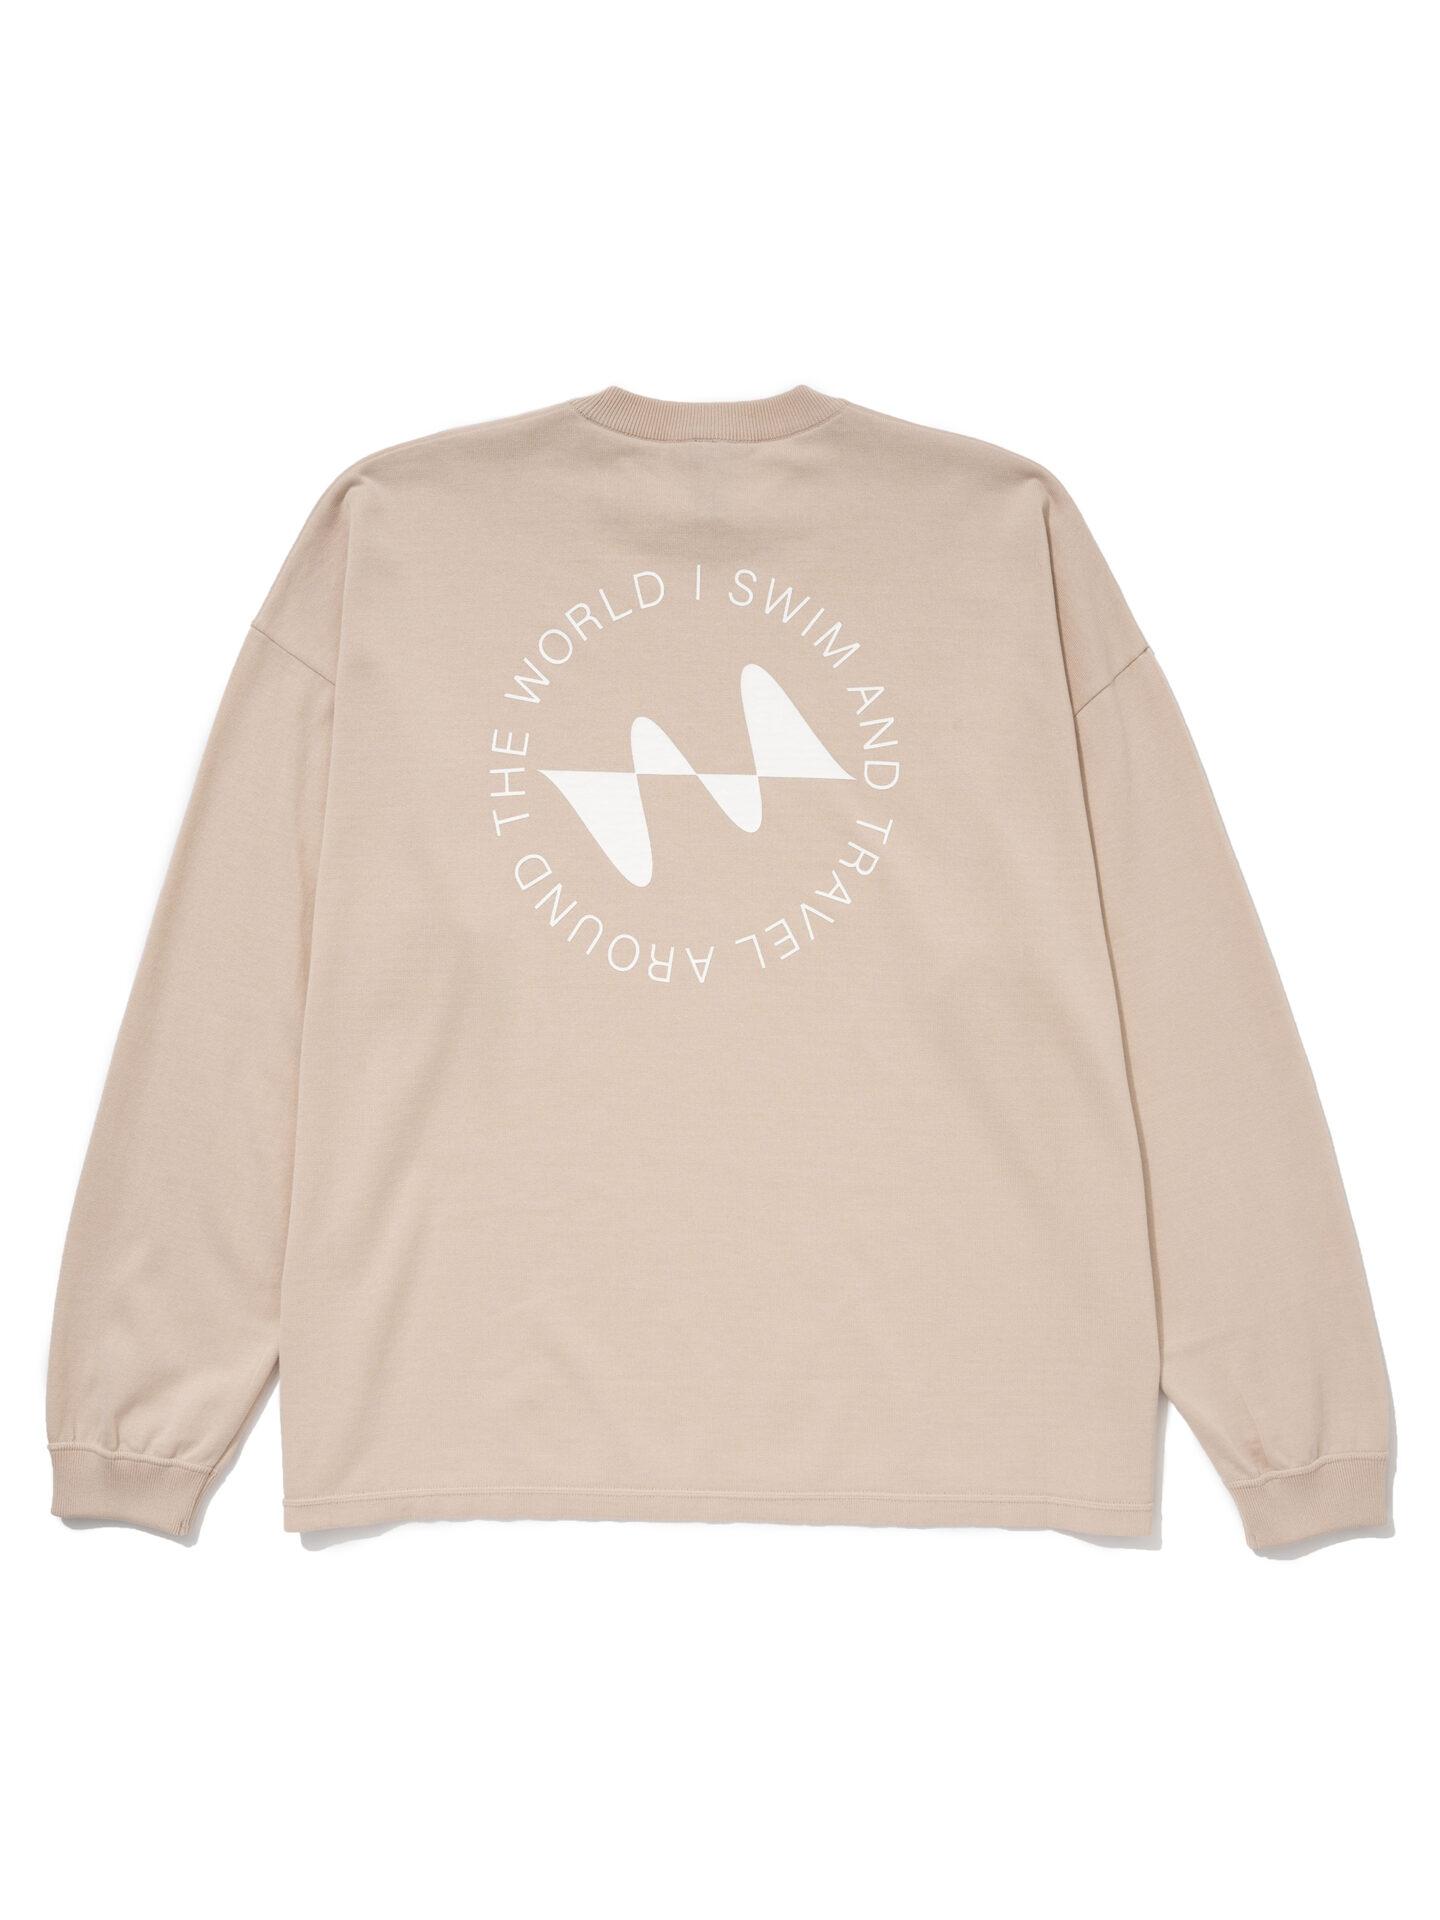 【超撥水】オーガニックコットン100%使用 最高級 I SWIMロゴ長袖Tシャツ -クリーム